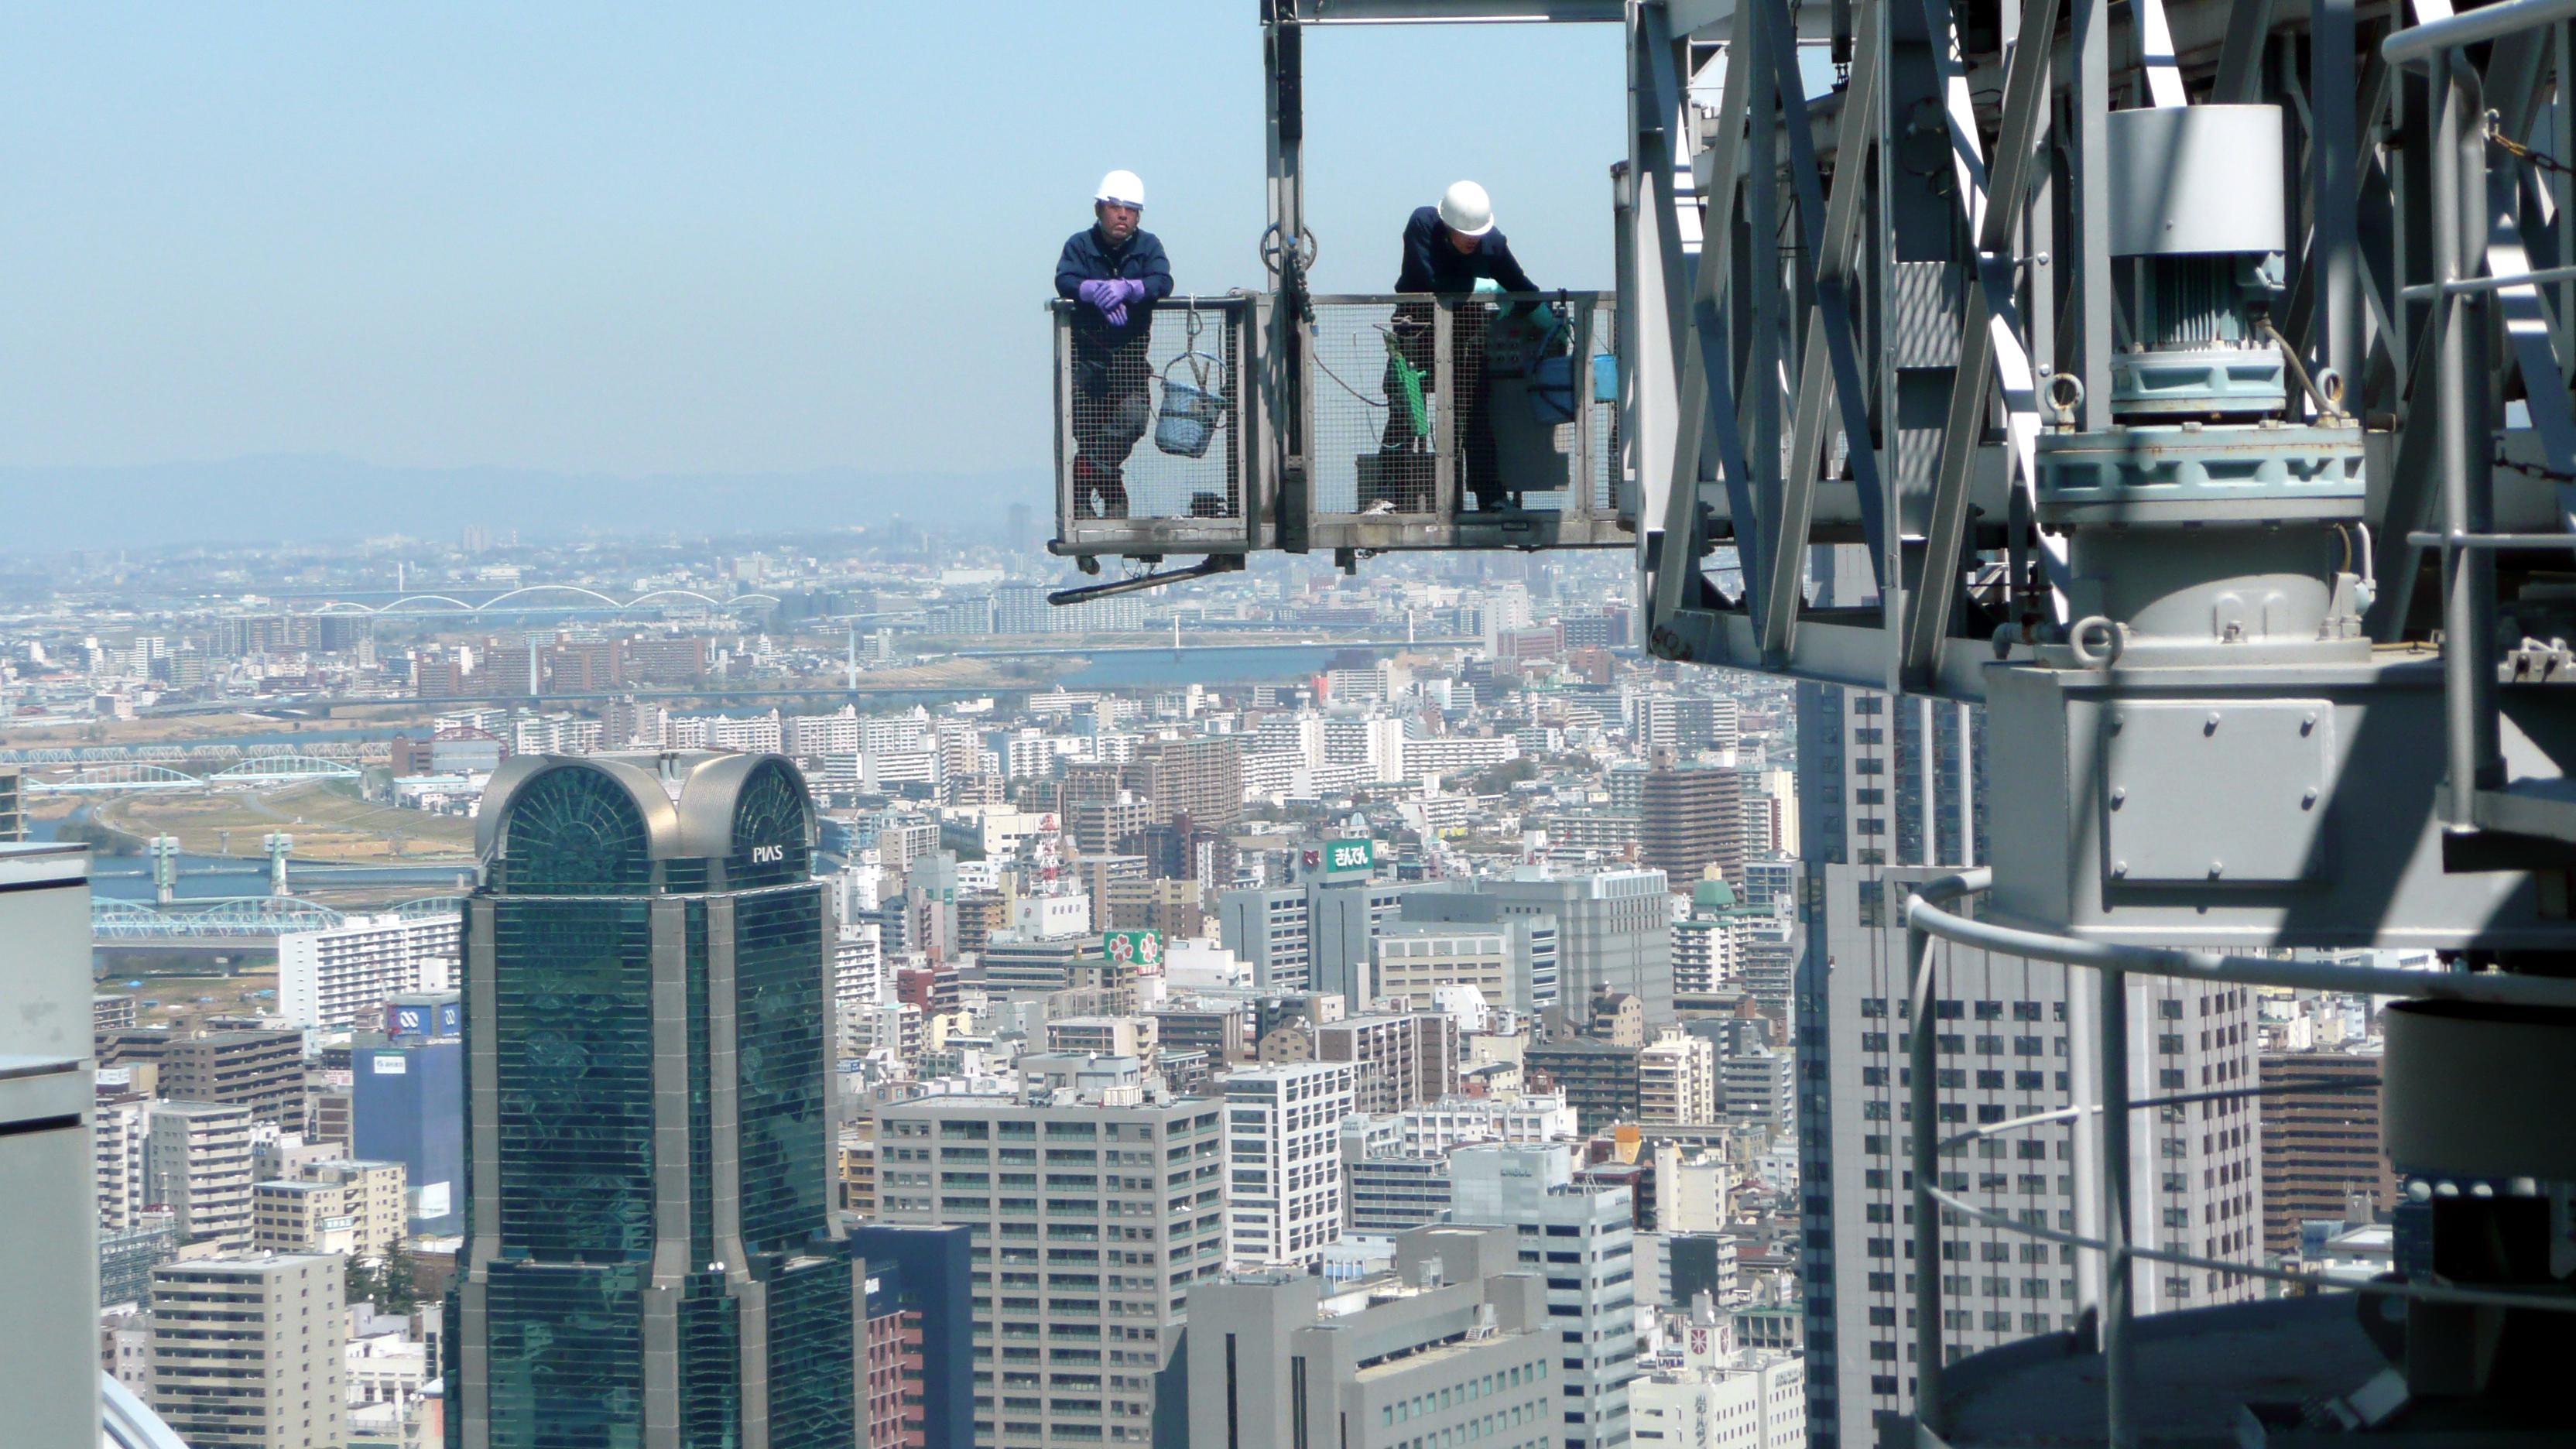 Công ty cổ phần Đầu tư xây dựng 135 | 2.400,6m2 tại phường Hiệp Bình Chánh, quận Thủ Đức